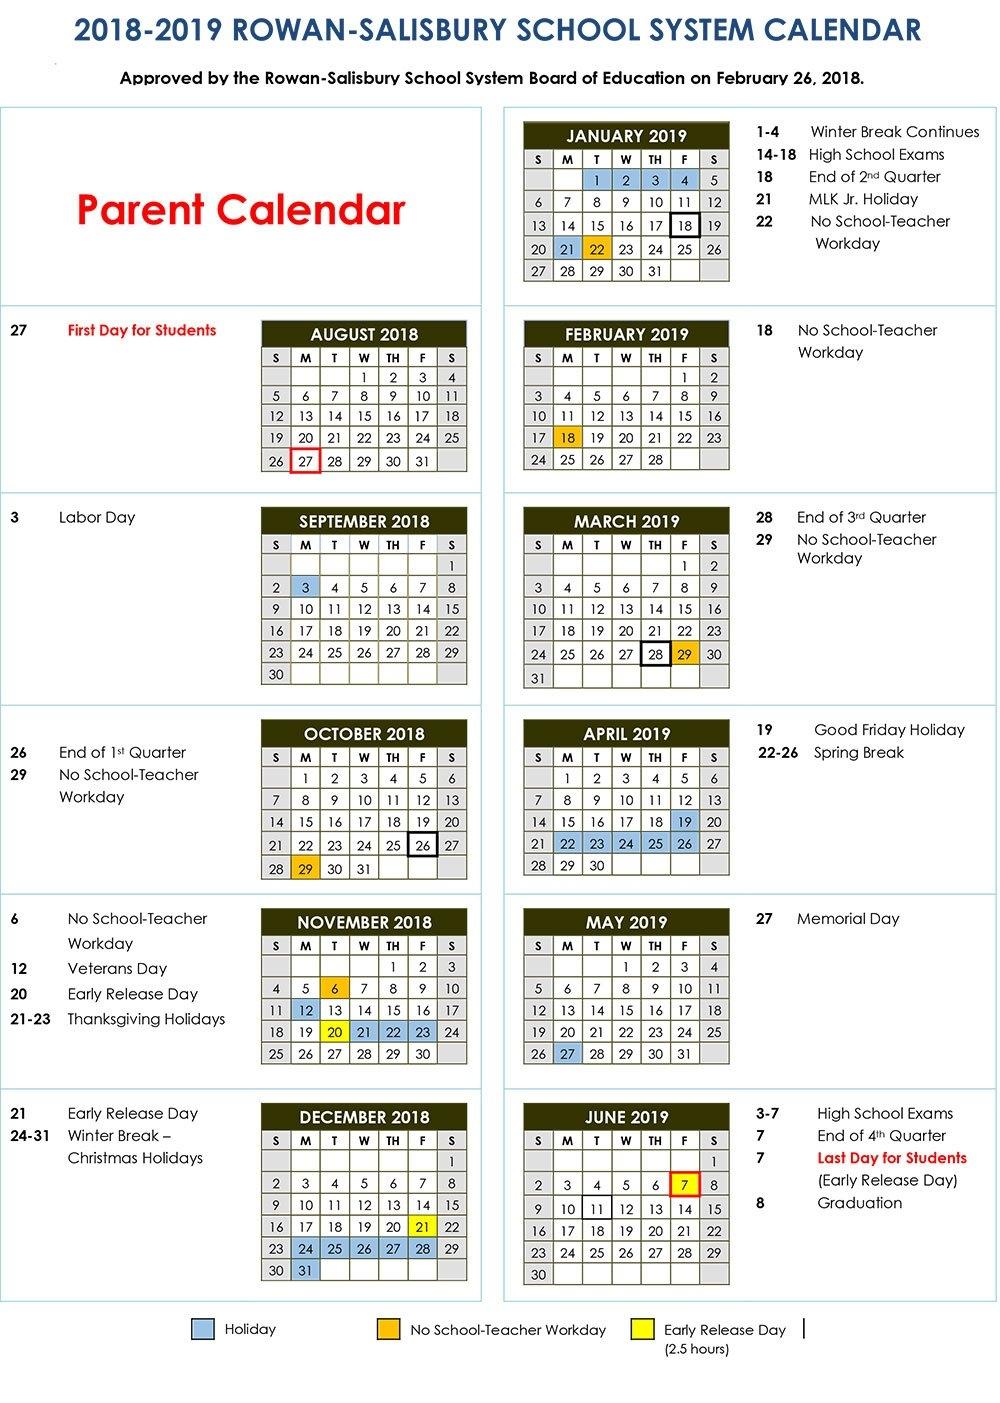 2018-2019 Calendars | District News Destiny 2 Calendar 2019